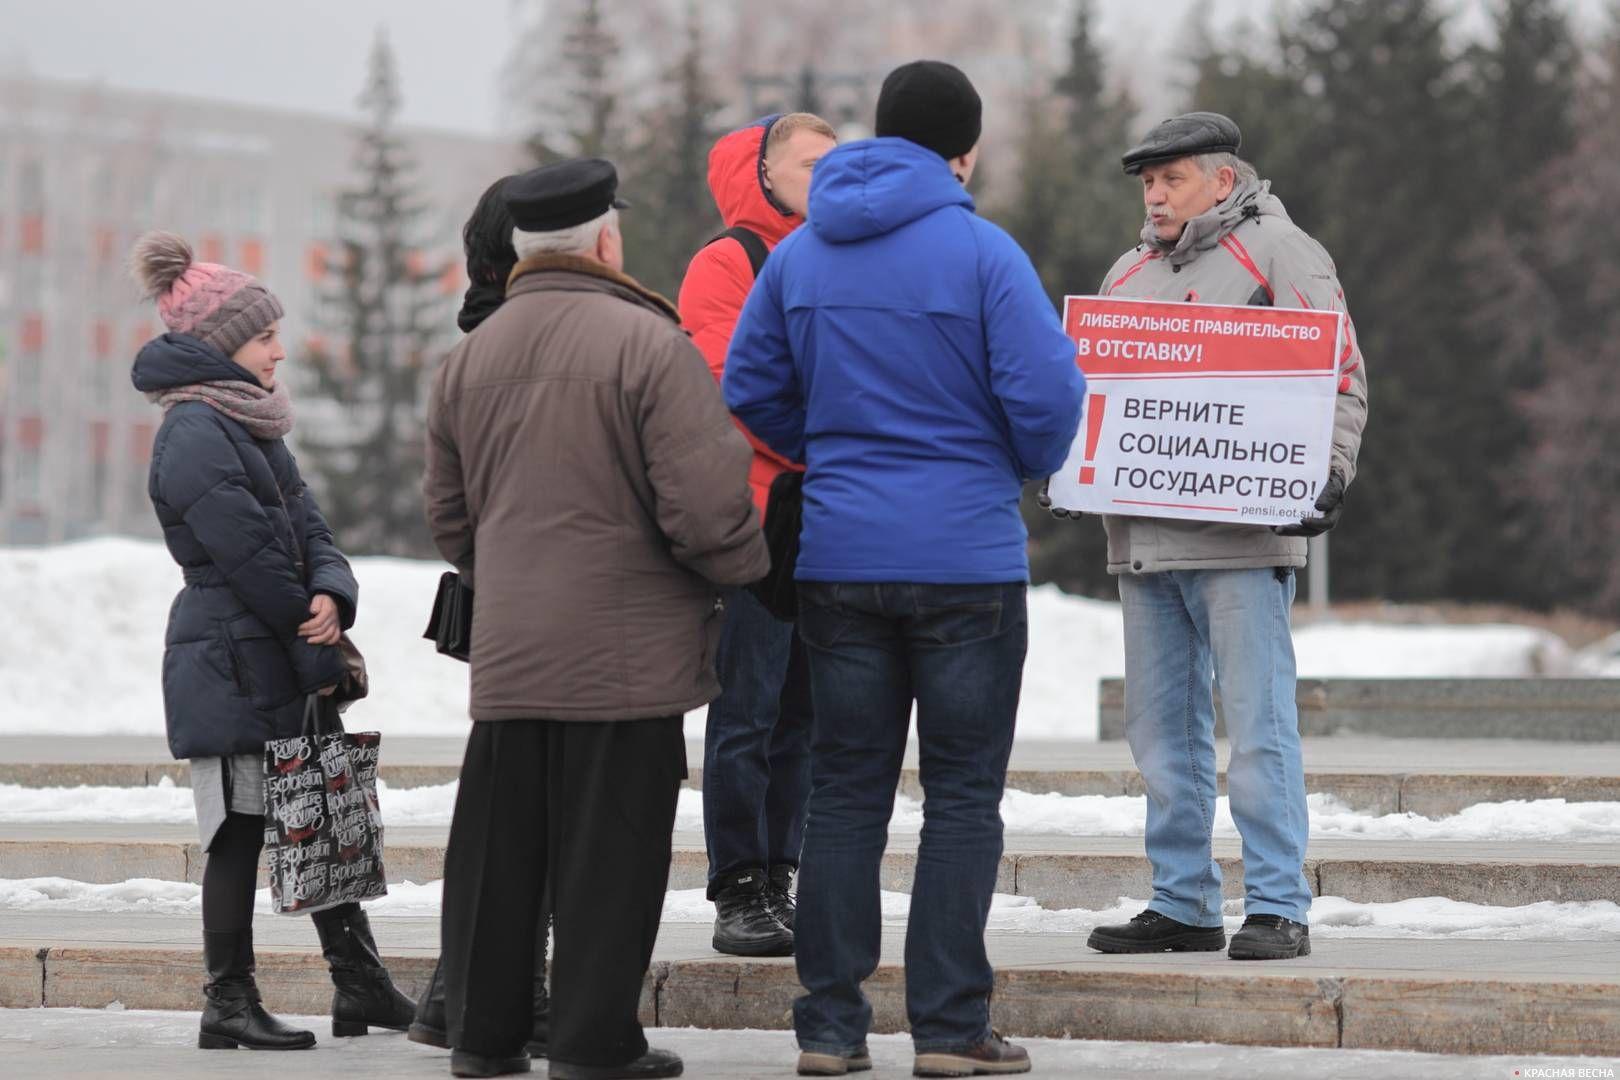 20200303_18-19-Полицейских и прохожих привлекли пикетирующие против пенсионки в Барнауле-pic4